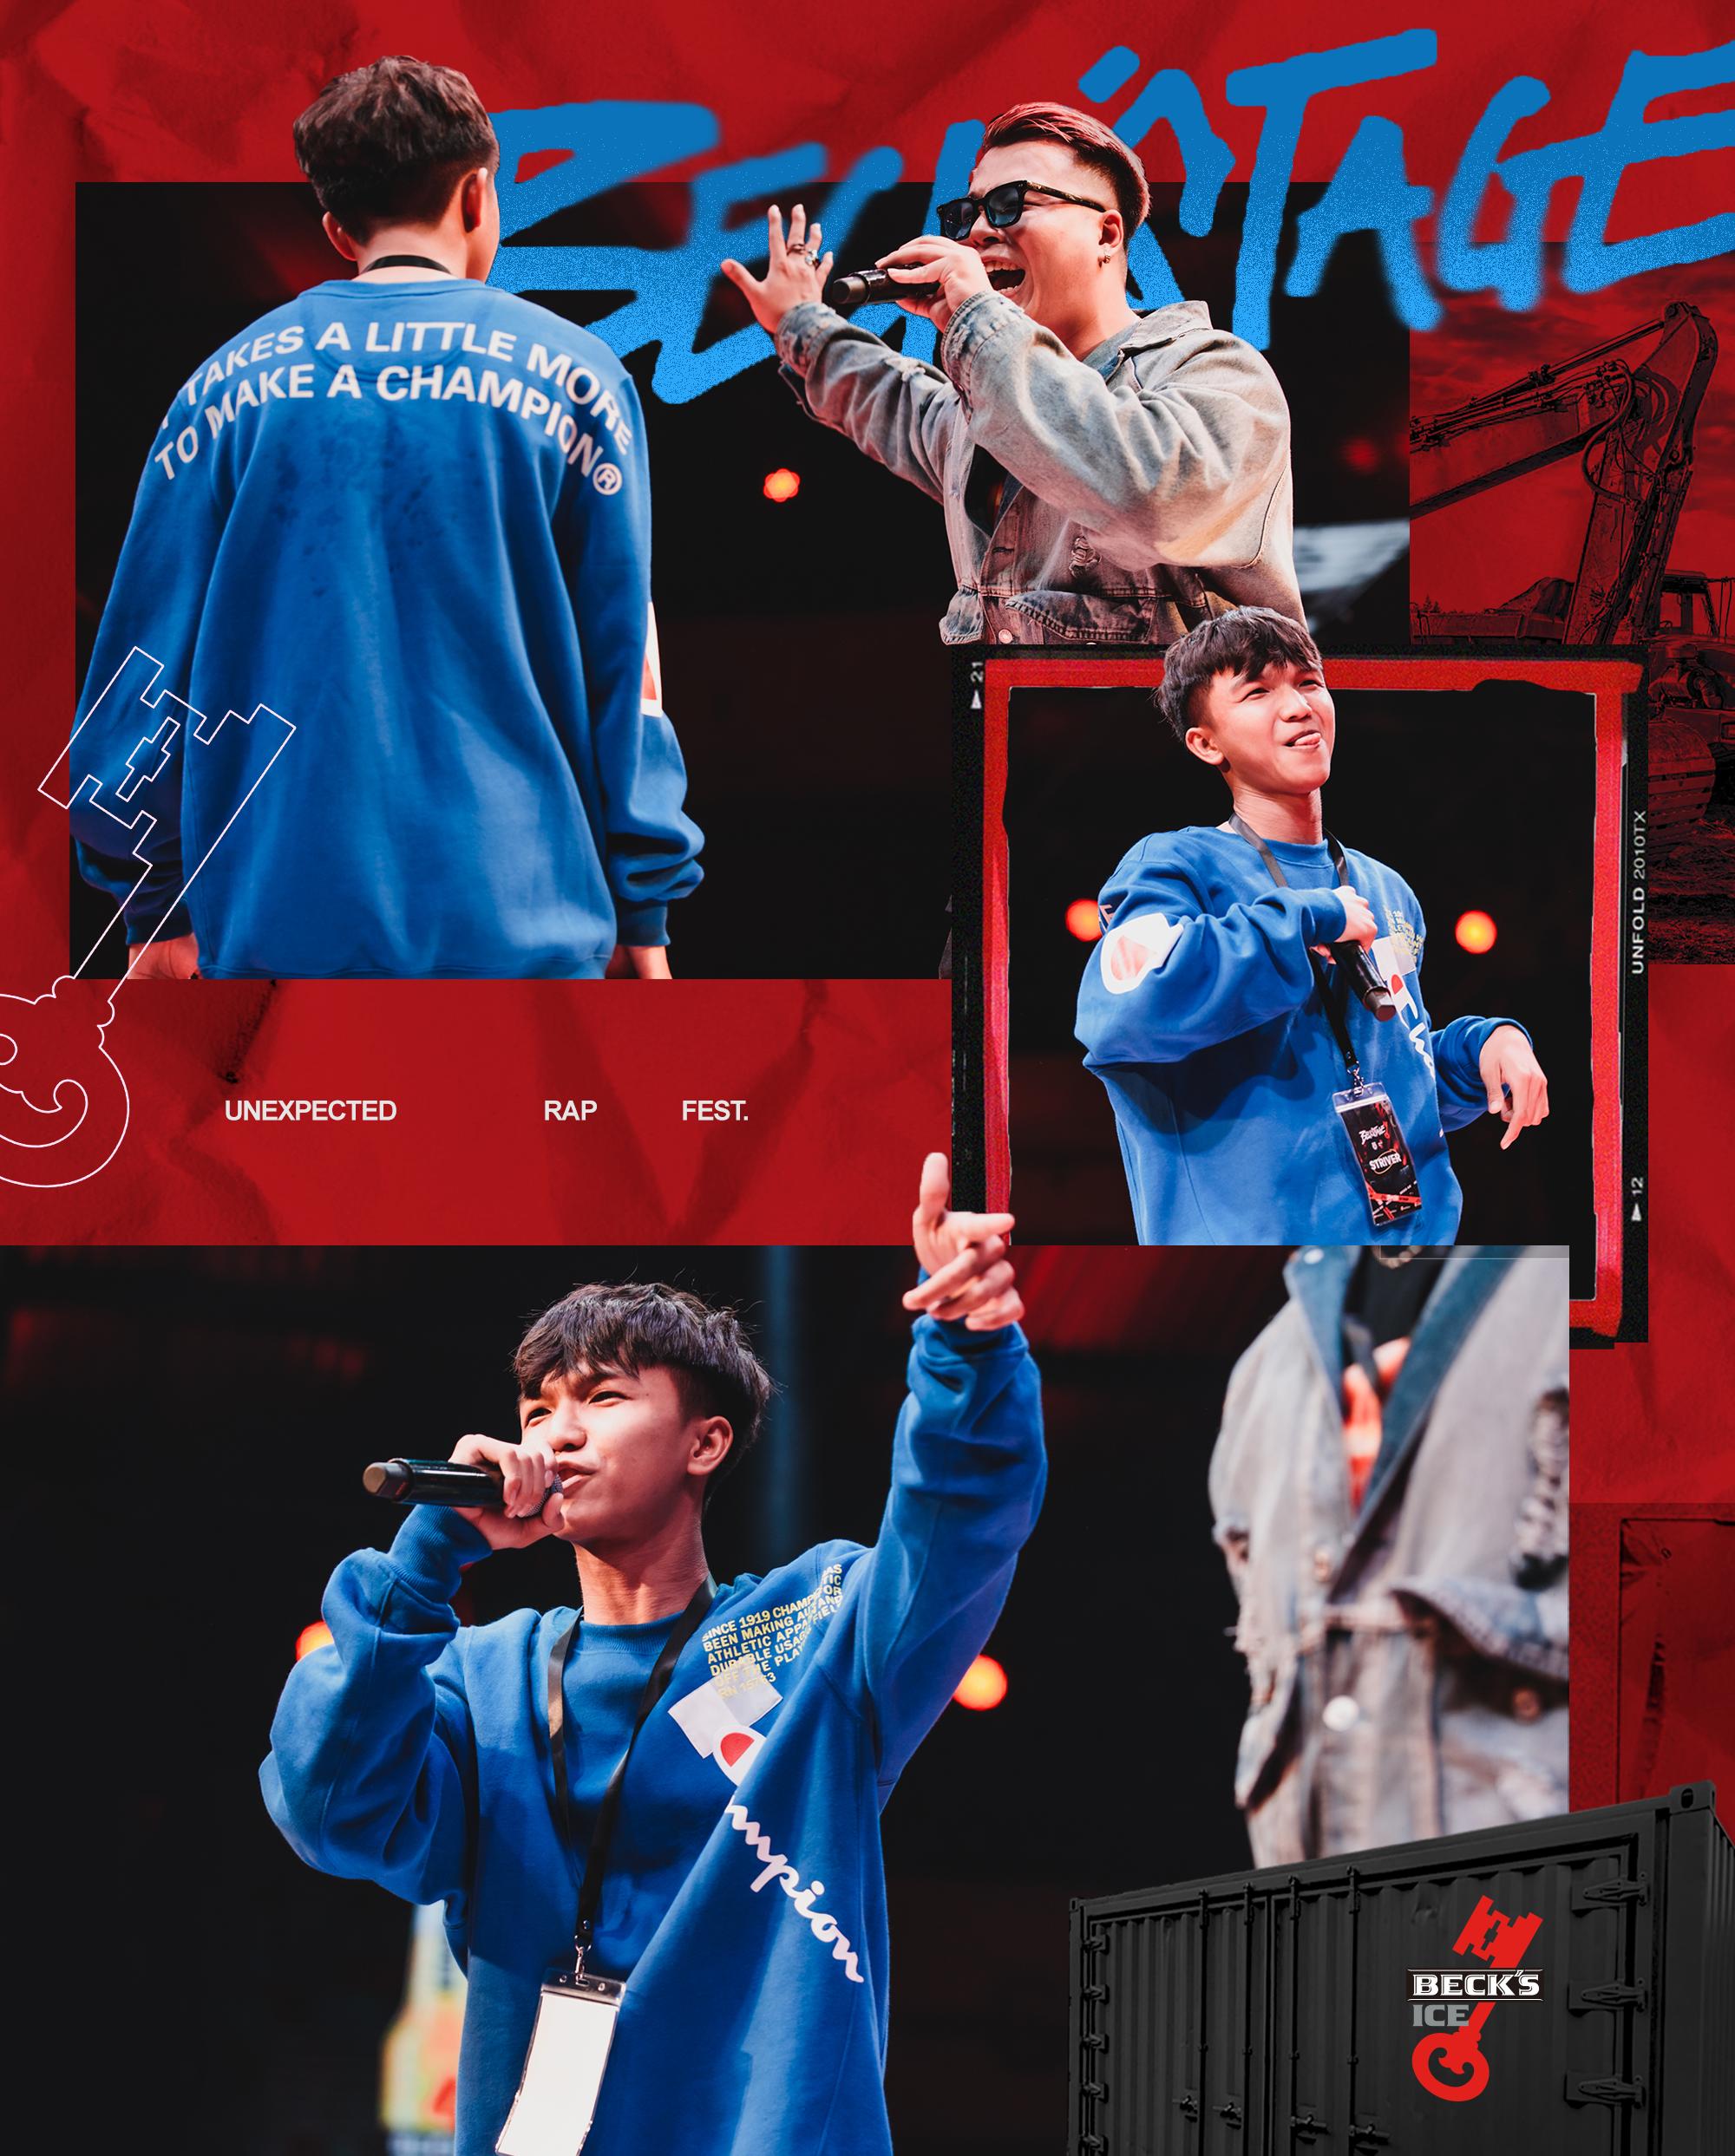 Ngôi vô địch BeckStage Battle Rap đã có chủ: Sóc Nâu và Phúc Du giành lấy ngôi vương đầy thuyết phục, một tương lai đầy hy vọng của rap Việt! - Ảnh 10.